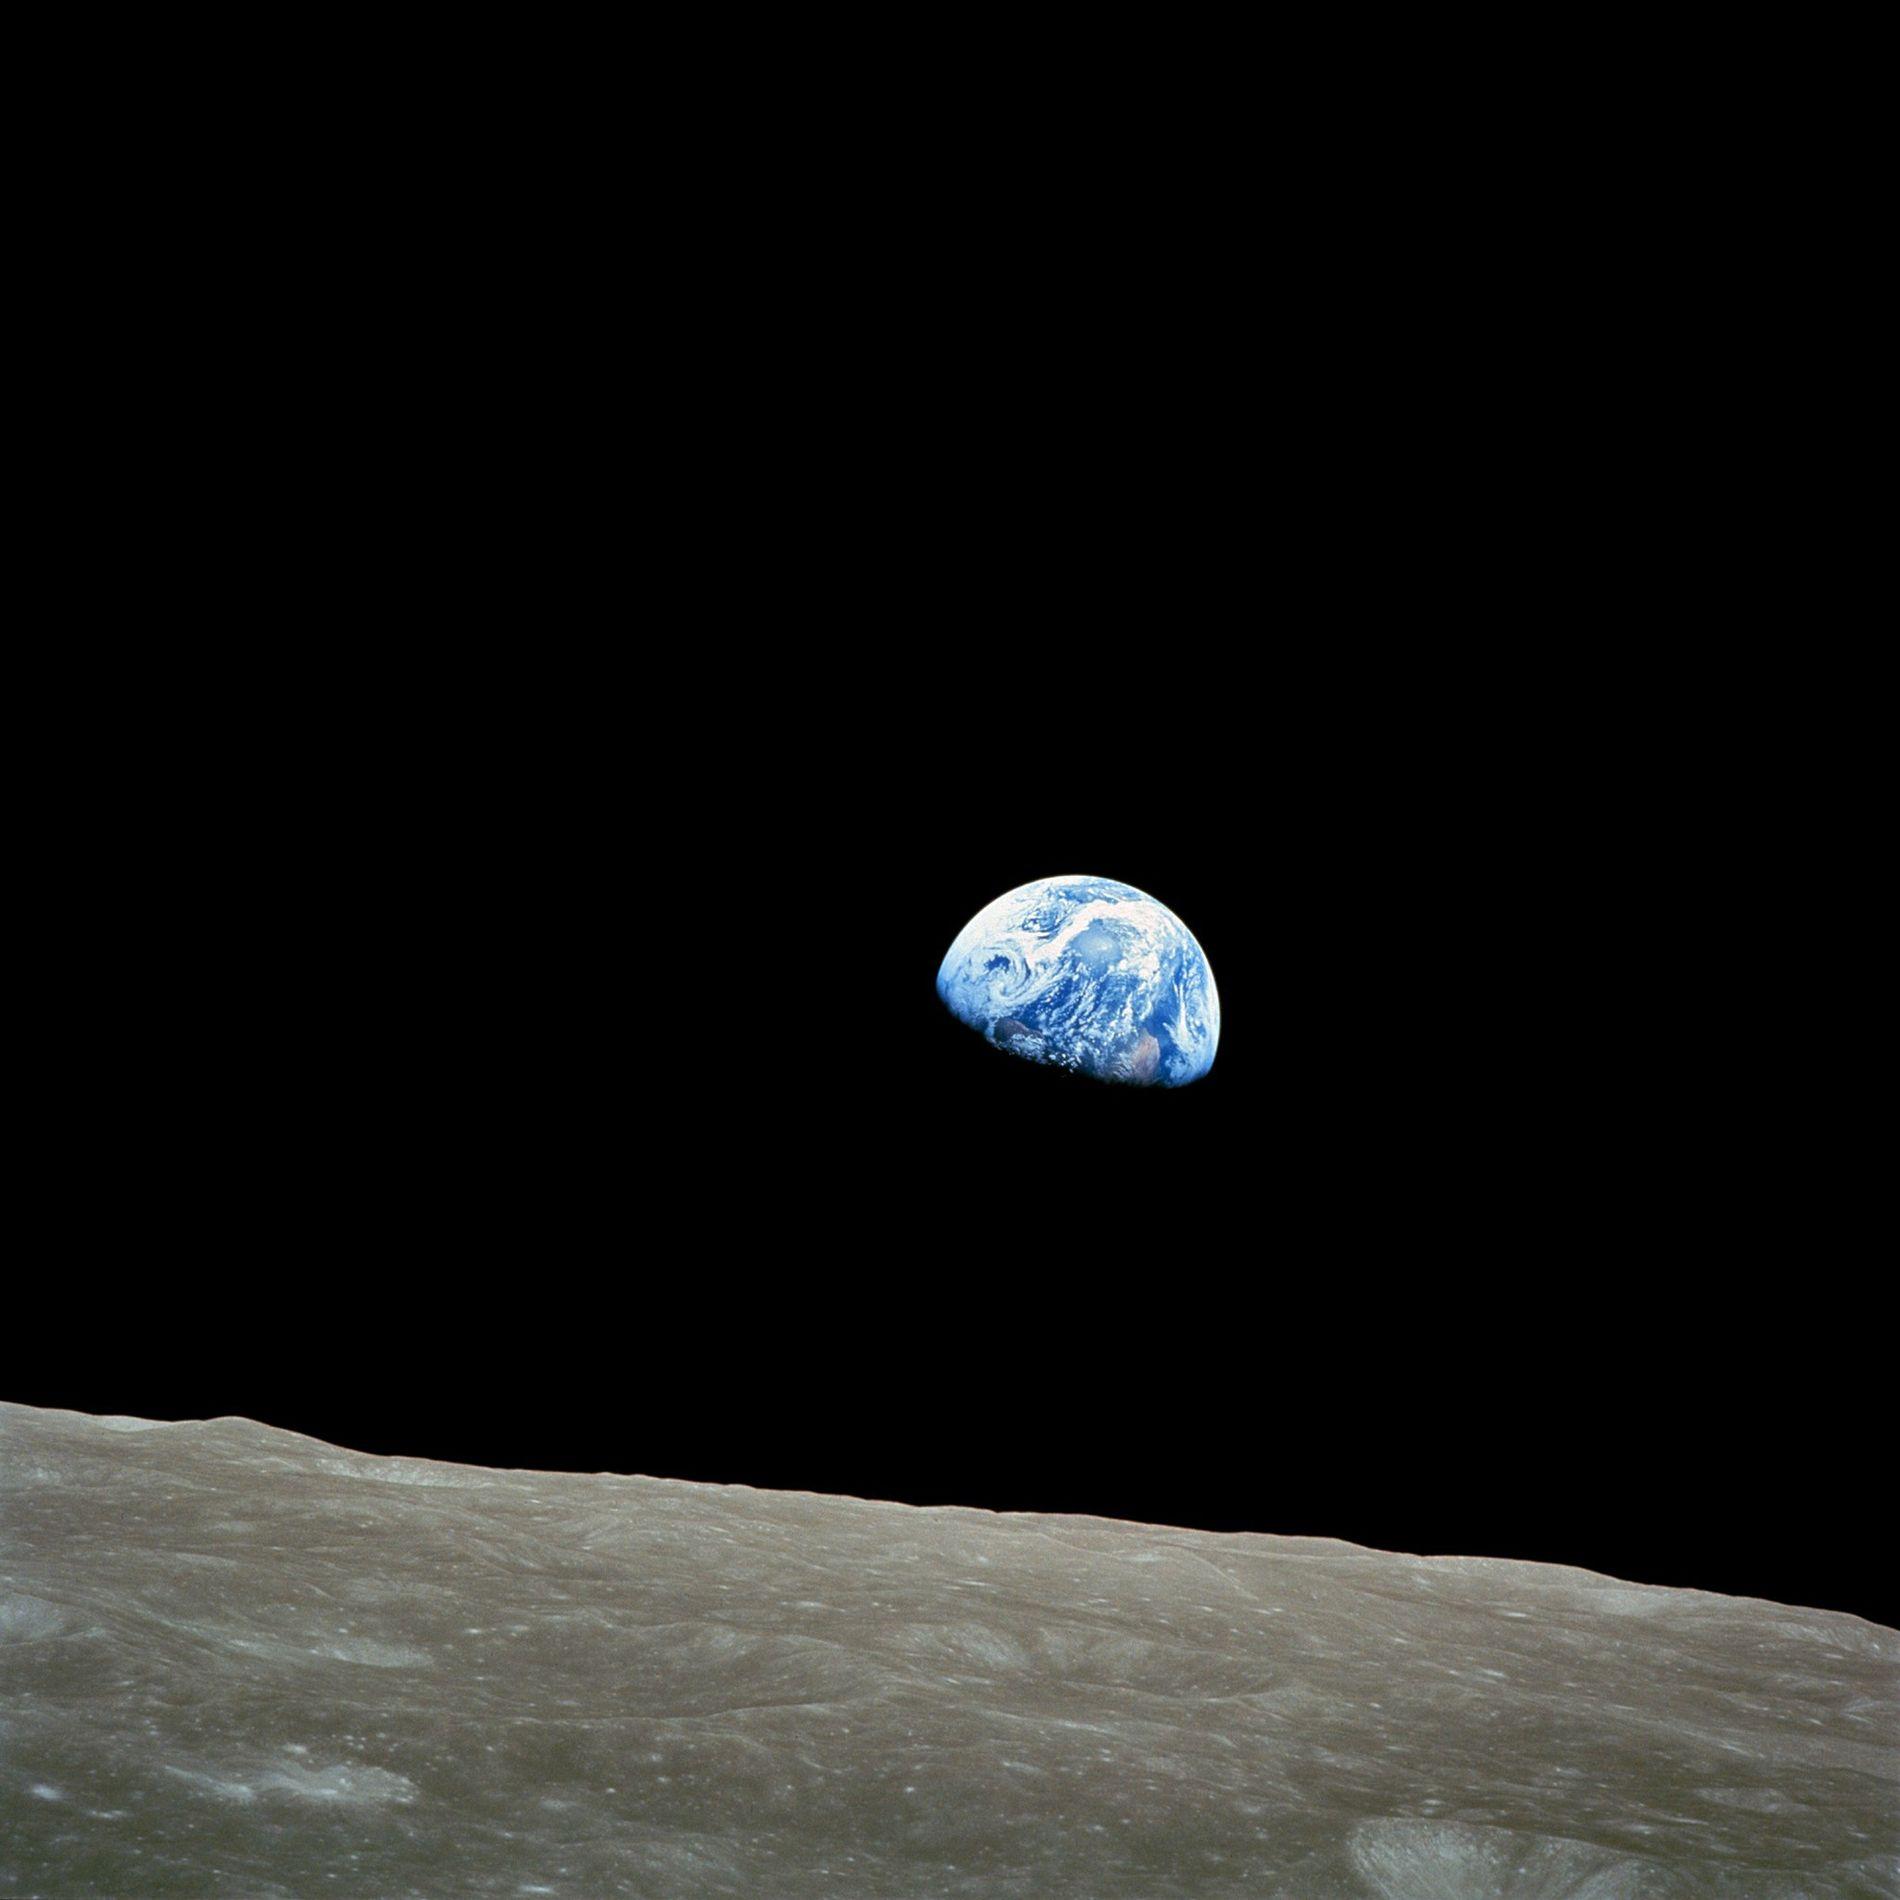 Apollo 8, la première mission habitée vers la Lune, est entrée dans l'orbite de cette dernière le 24 décembre 1968. Cette nuit-là, le commandant de la mission Frank Borman, le pilote du module de commande James Lovell et le pilote du module lunaire William Anders ont montré des photographies de la Terre et de la Lune comme ils les voyaient depuis leur vaisseau spatial lors d'une retransmission télévisée en direct depuis l'orbite lunaire. « L'immense solitude est inspirante ; cela vous fait prendre conscience de ce que vous avez sur Terre », avait déclaré Jim Lovell.